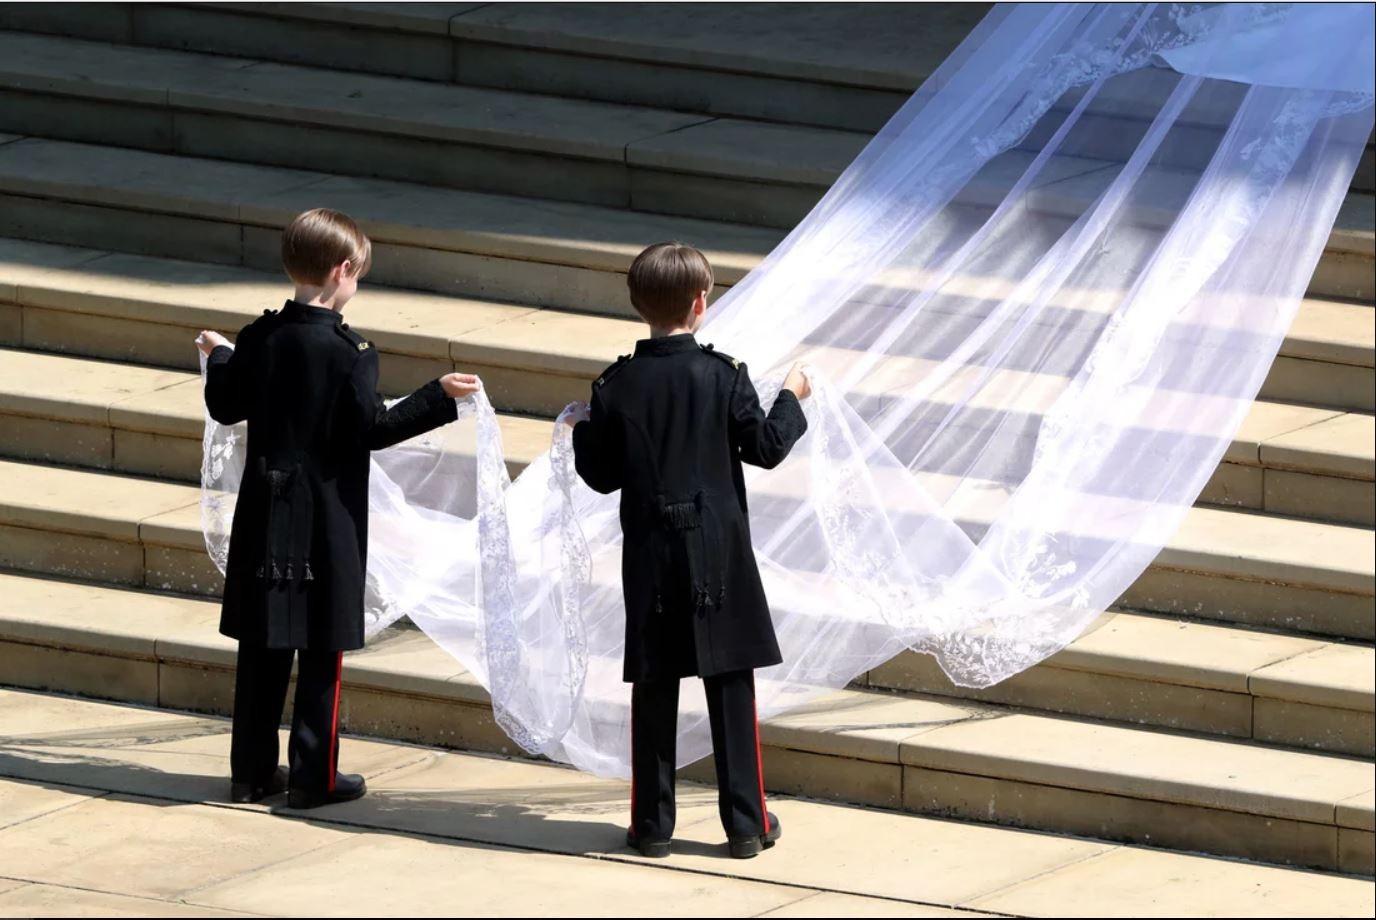 Gêmeos segurando véu de Meghan ates de entrar na capela (Foto: Reprodução Youtube)